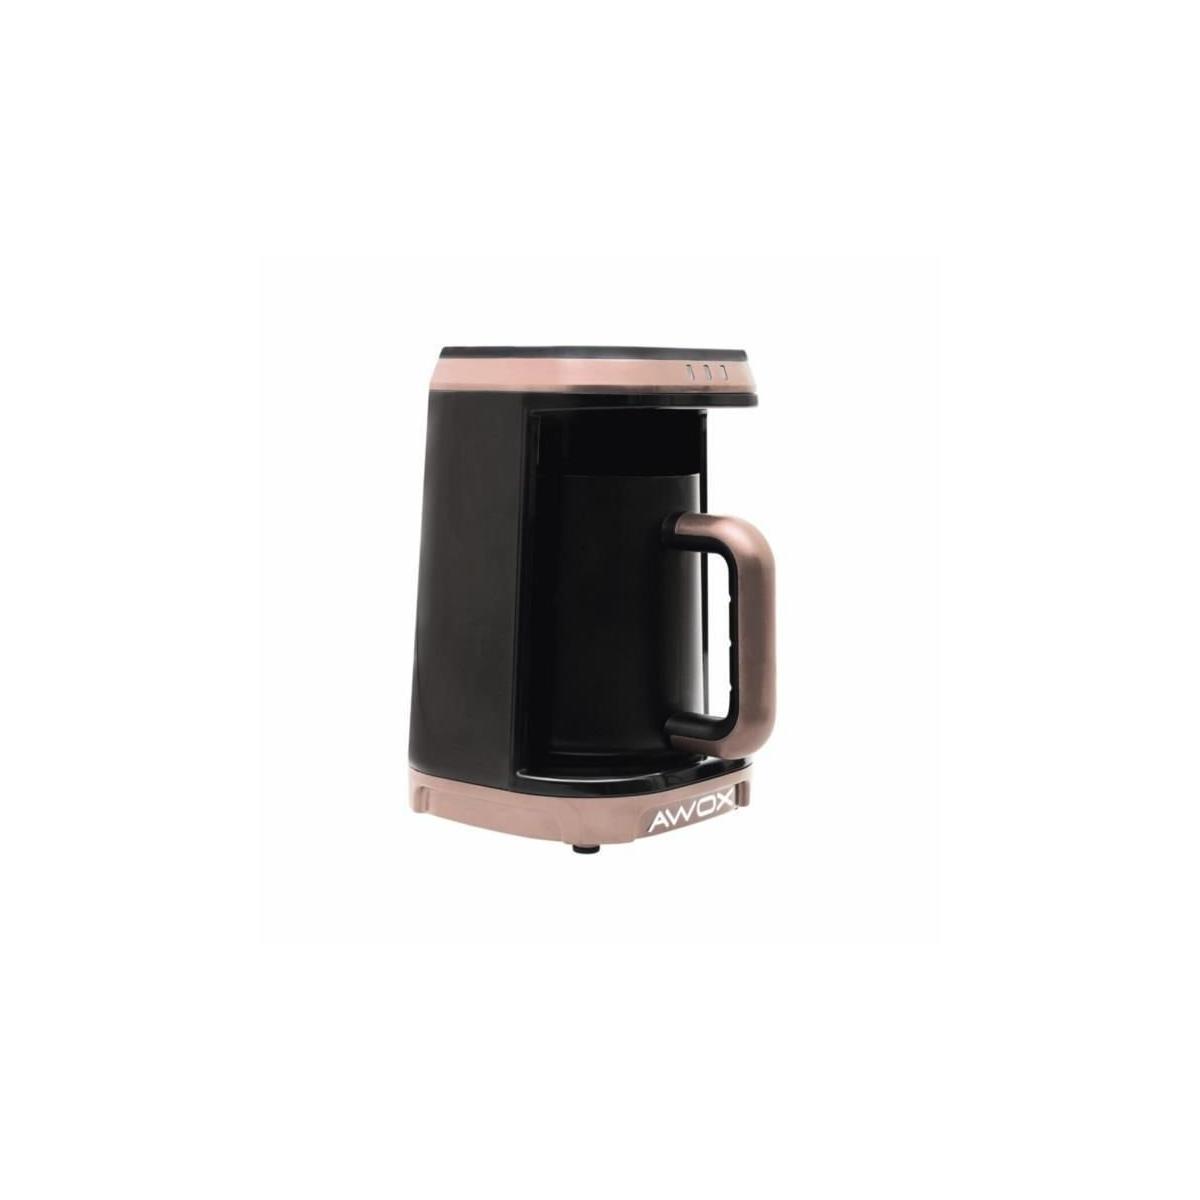 Awox Kahve Makineleri Fiyatları